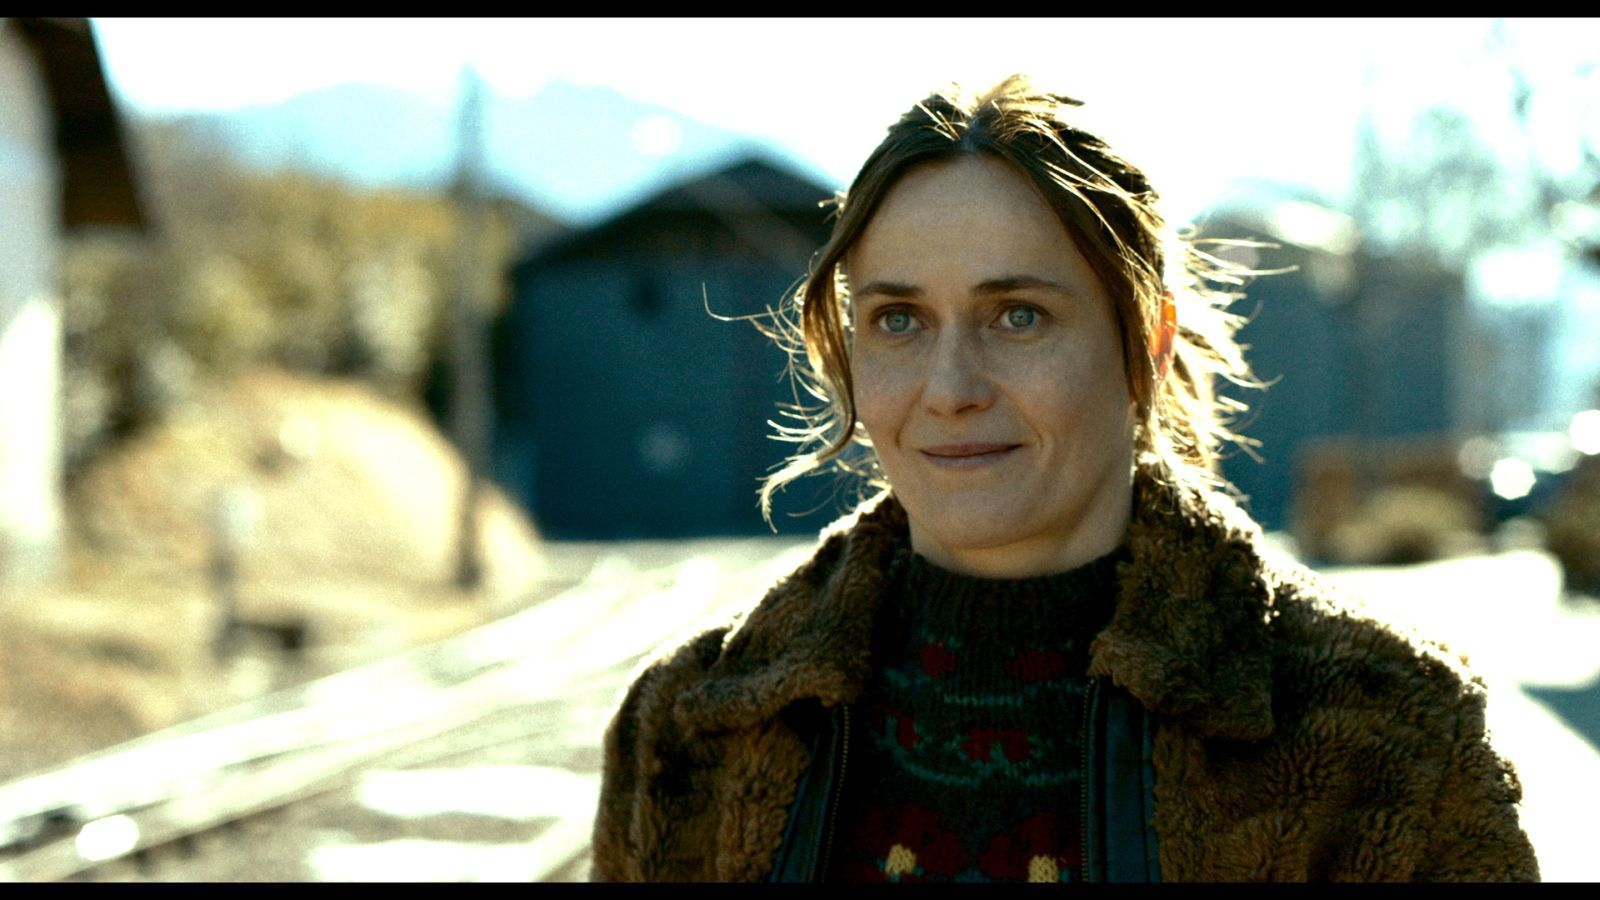 Fräulein - Una fiaba d'inverno: Lucia Mascino in una scena del film